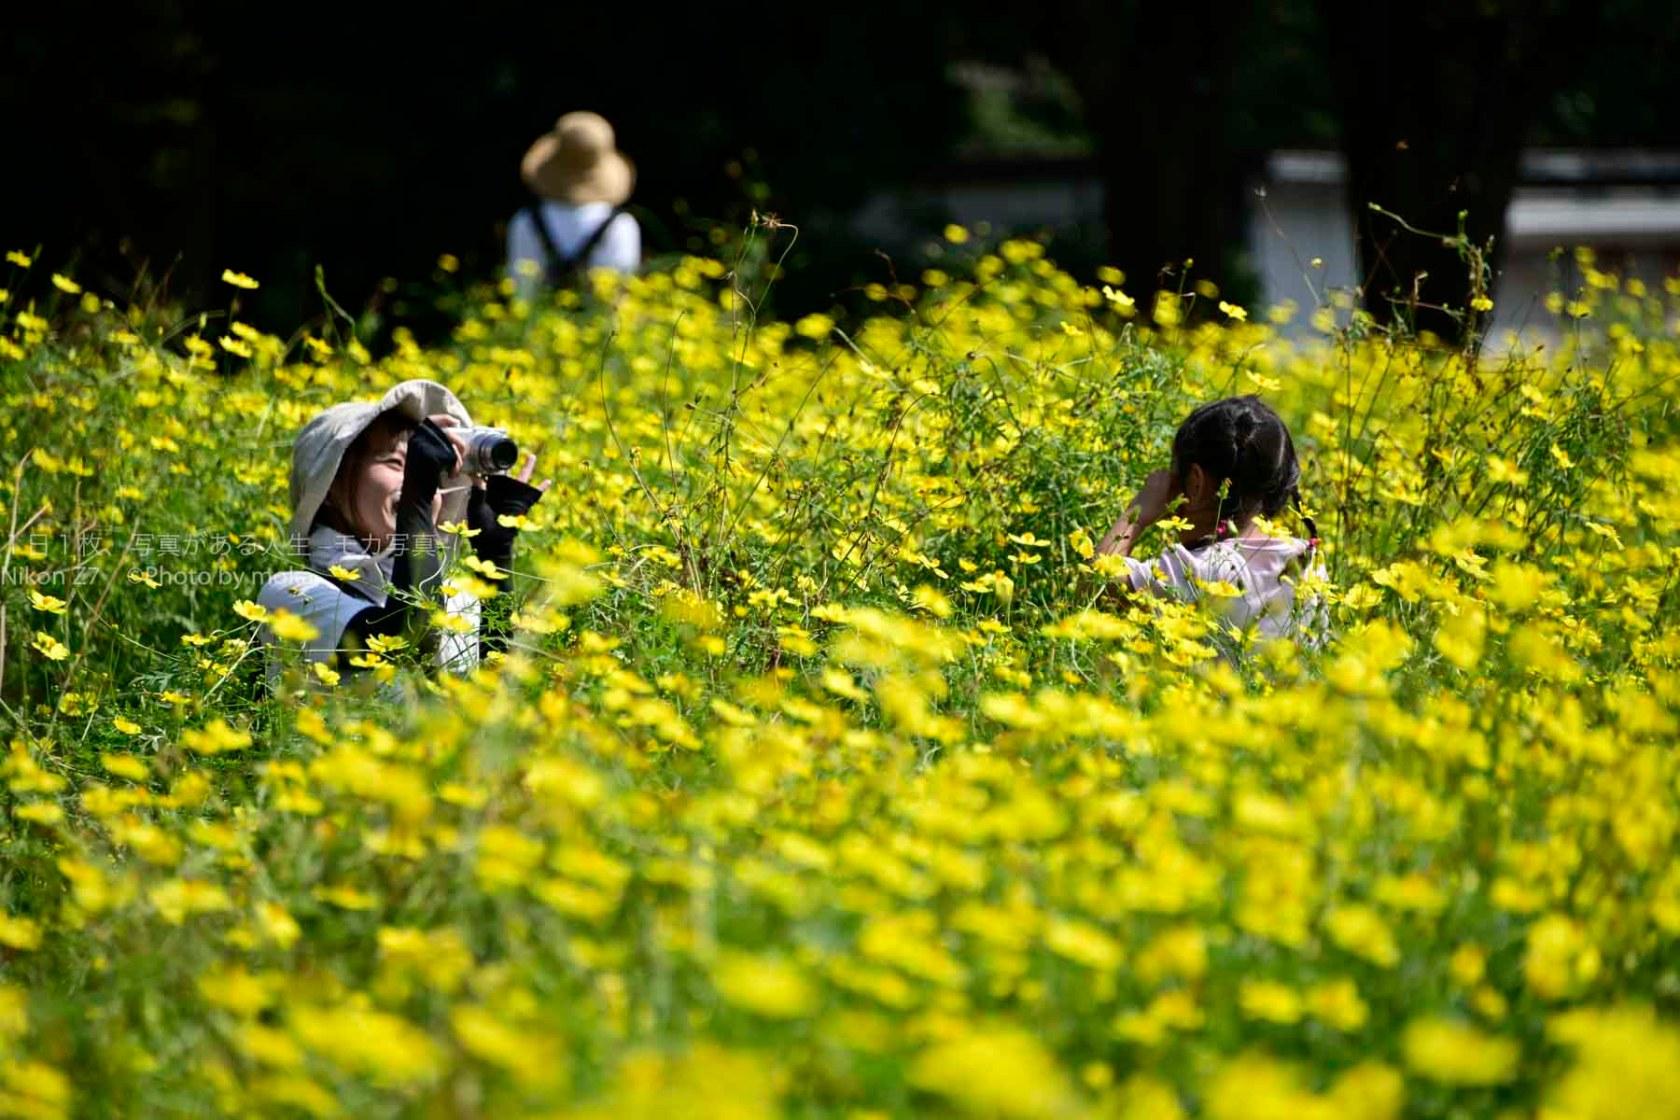 【眩しいほどの黄色のコスモス】昭和記念公園の原っぱ東花畑